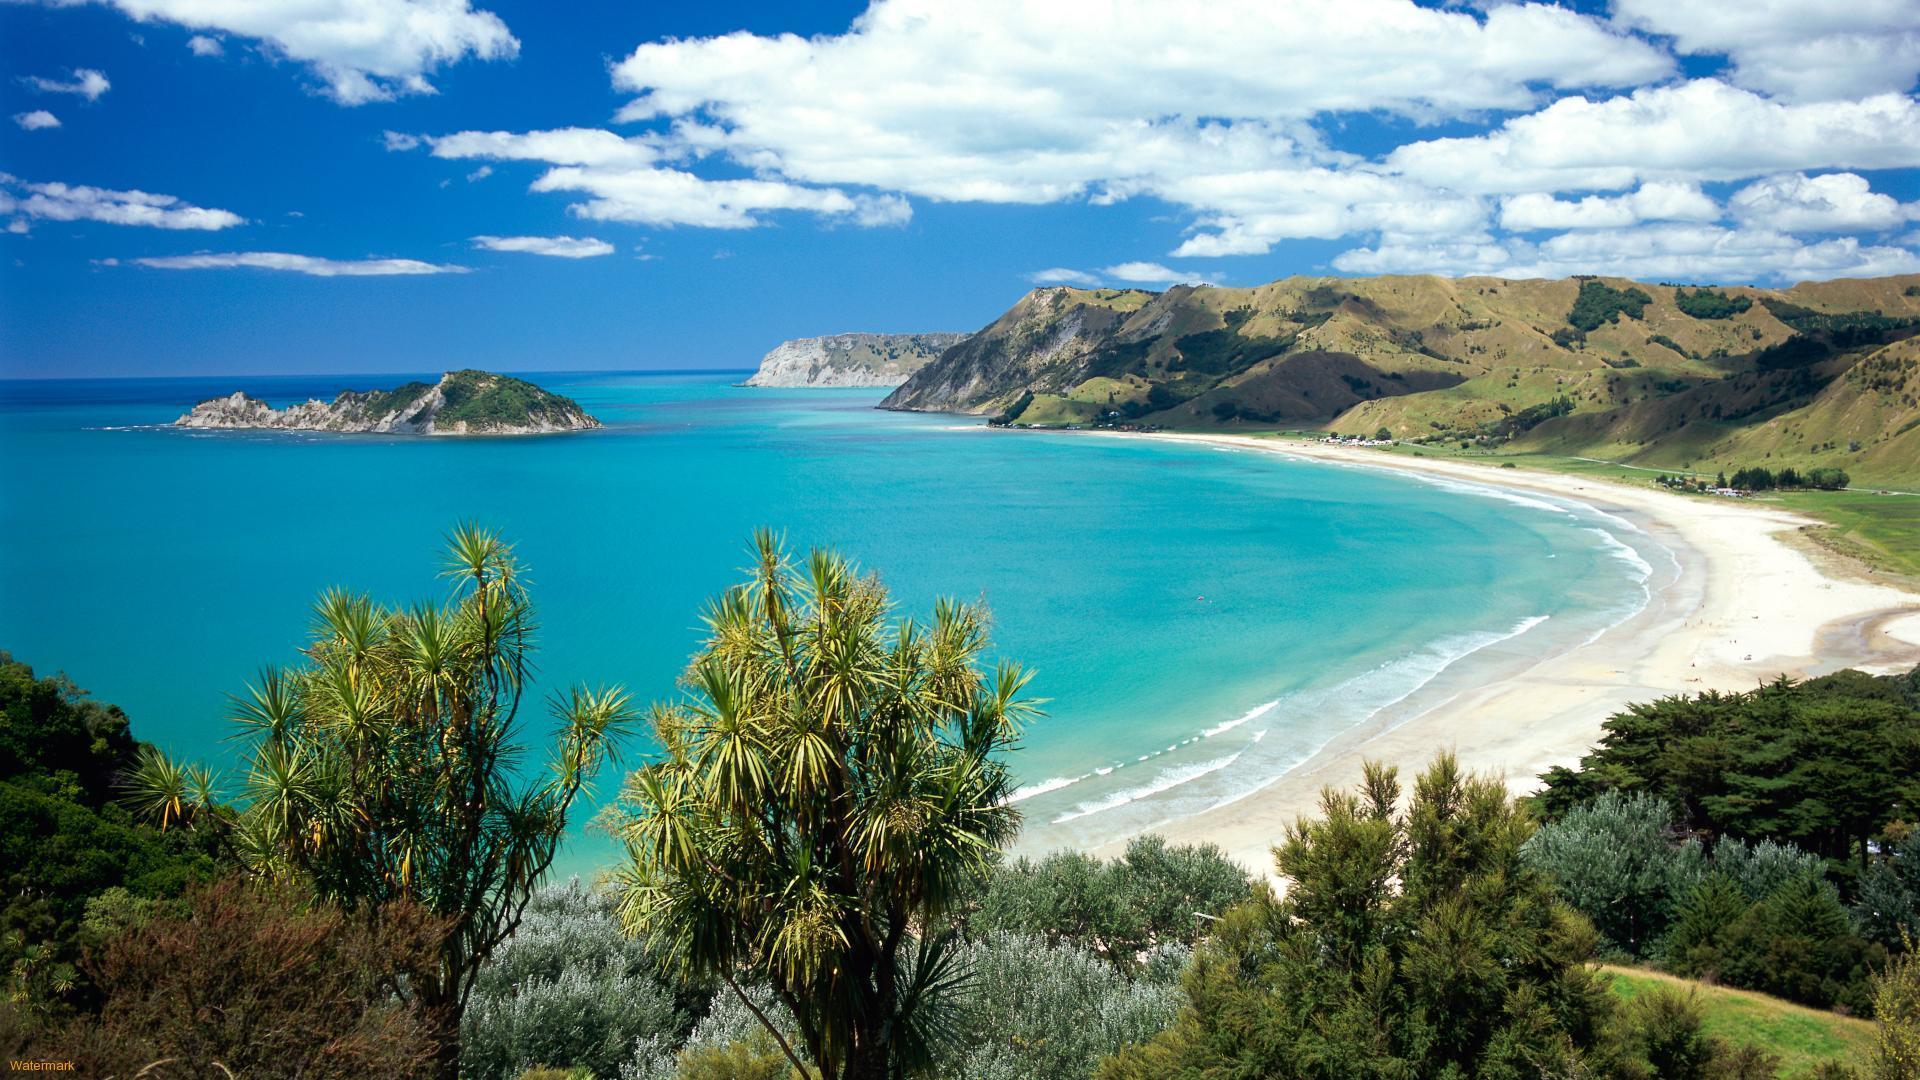 47920壁紙のダウンロード風景, 海, ビーチ-スクリーンセーバーと写真を無料で